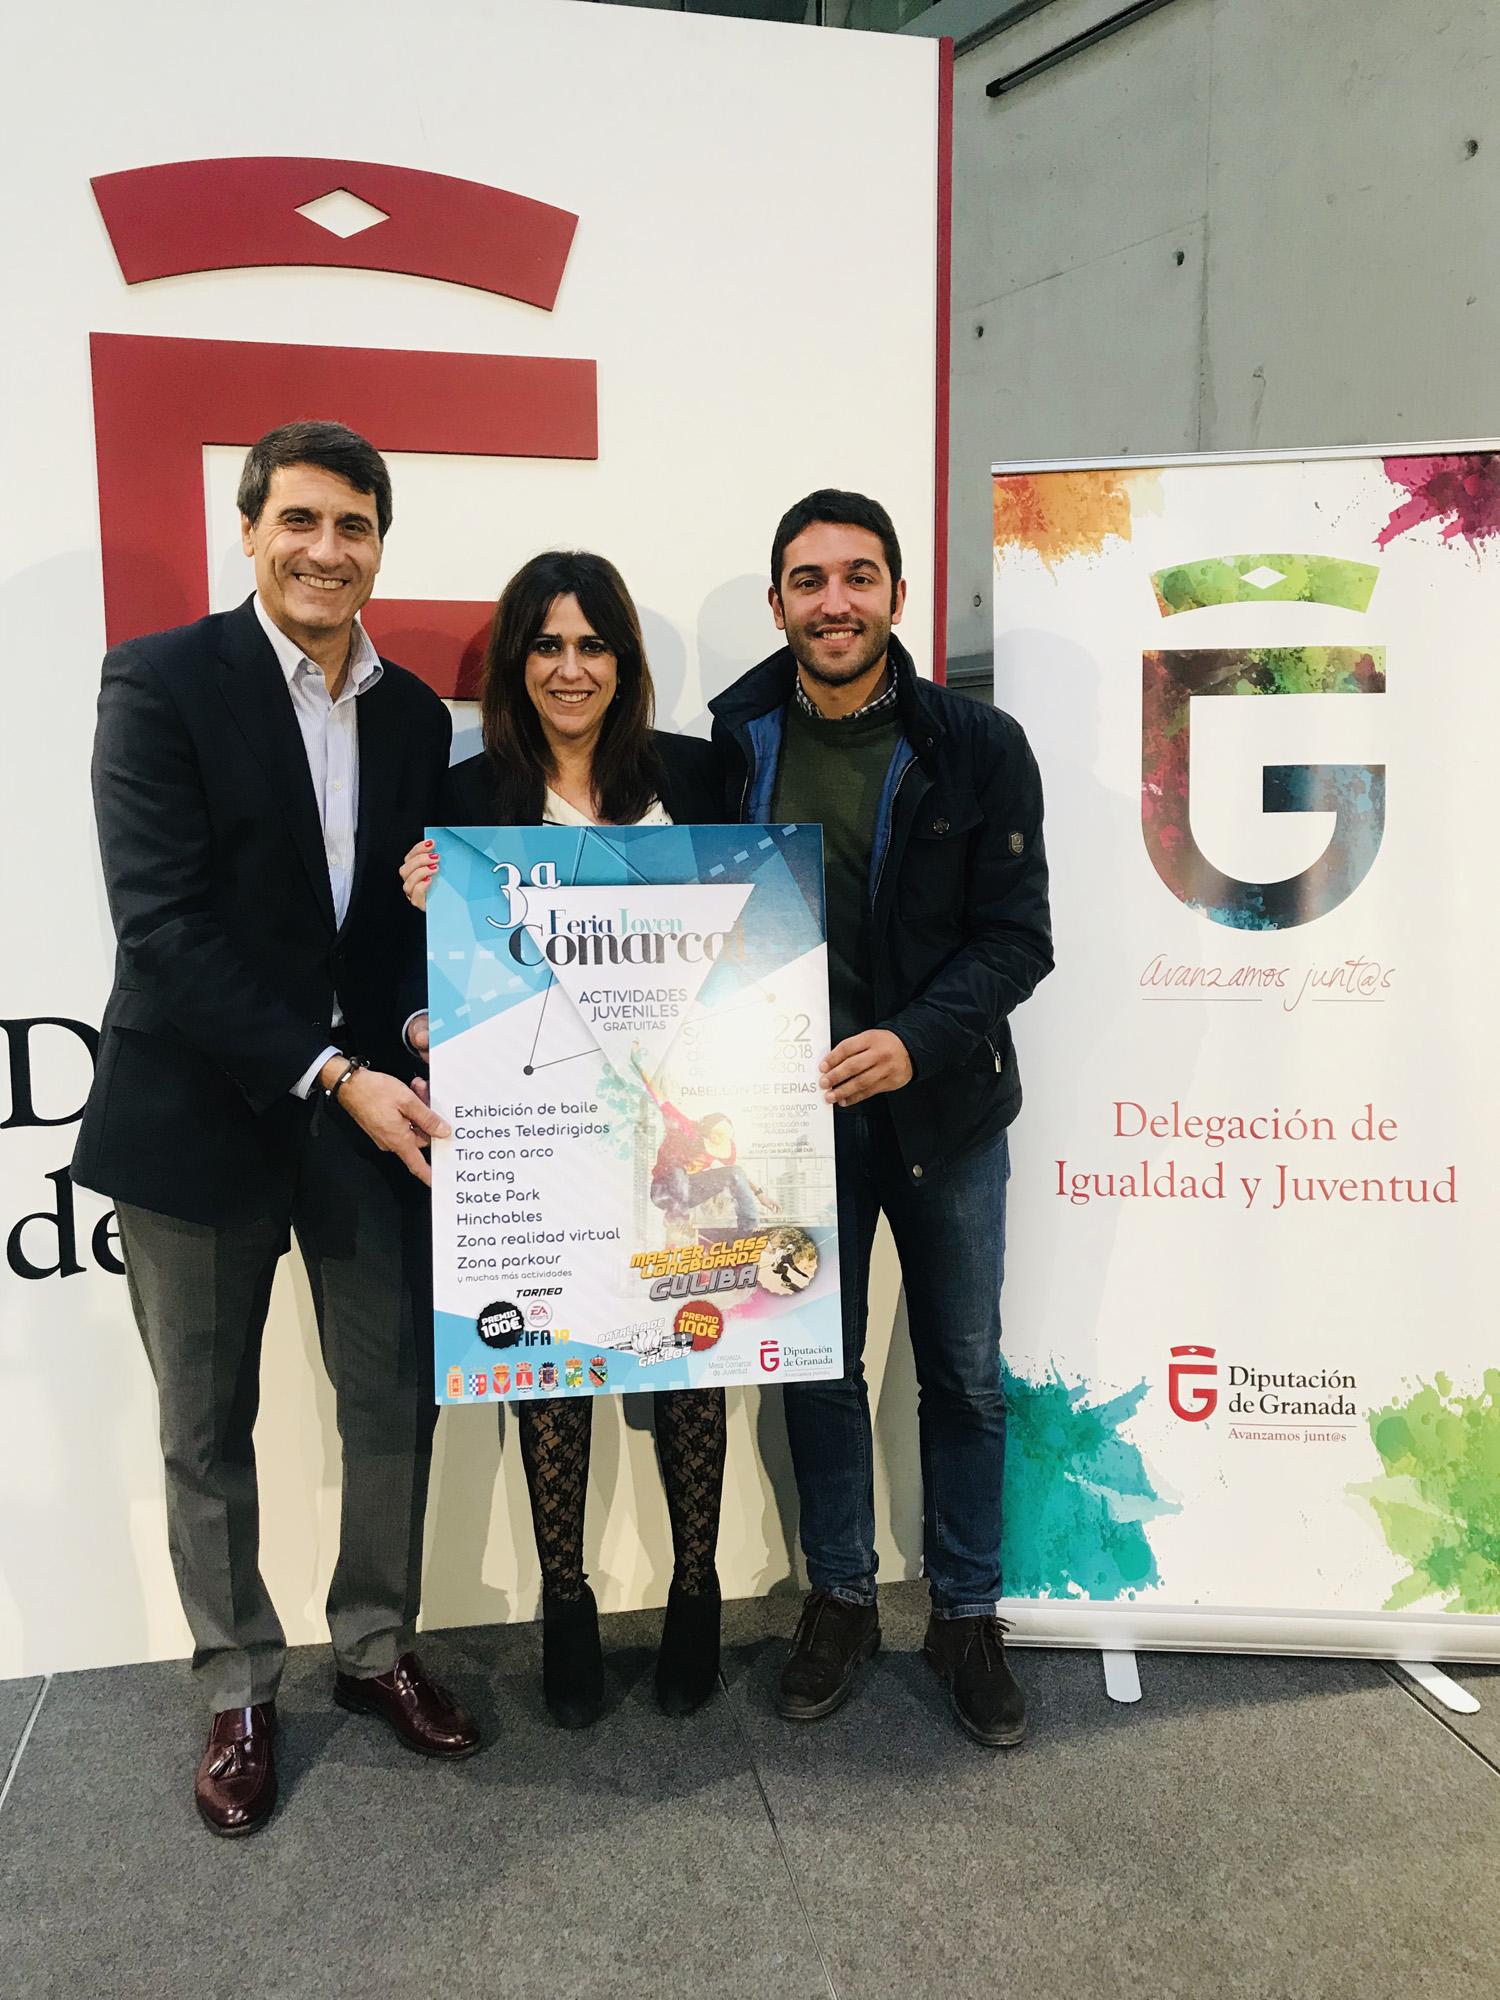 El alcalde de Baza, Pedro Fernández, y la diputada, Irene Justo, presentan la actividad